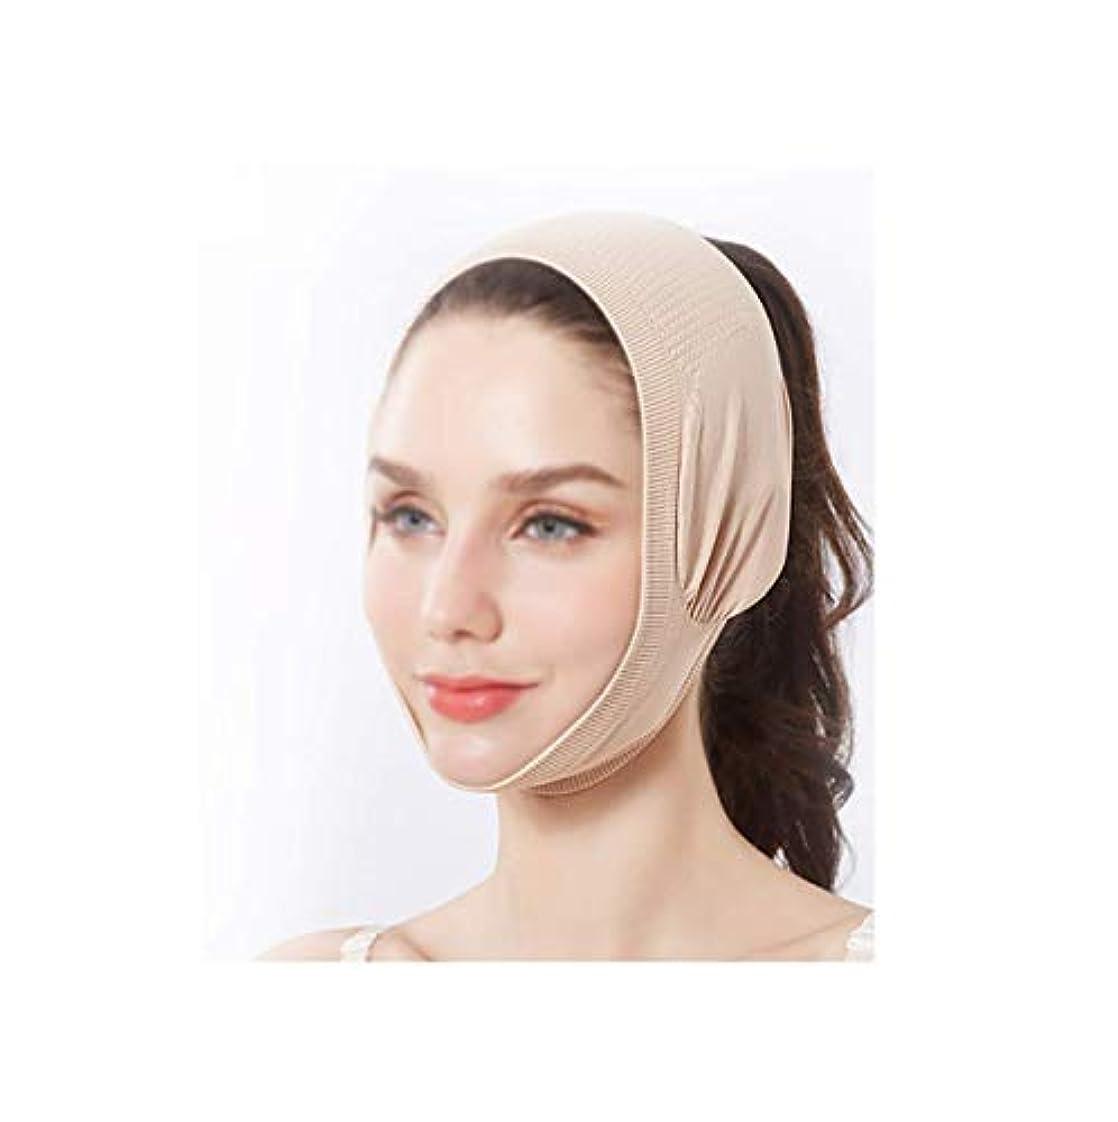 フェイスリフトマスク、フェイシャルマスクエクステンション強度フェイスレスバンデージバンディオンフェイスラージVラインカービングフェイスバックカバーネックストラップ(色:肌の色)